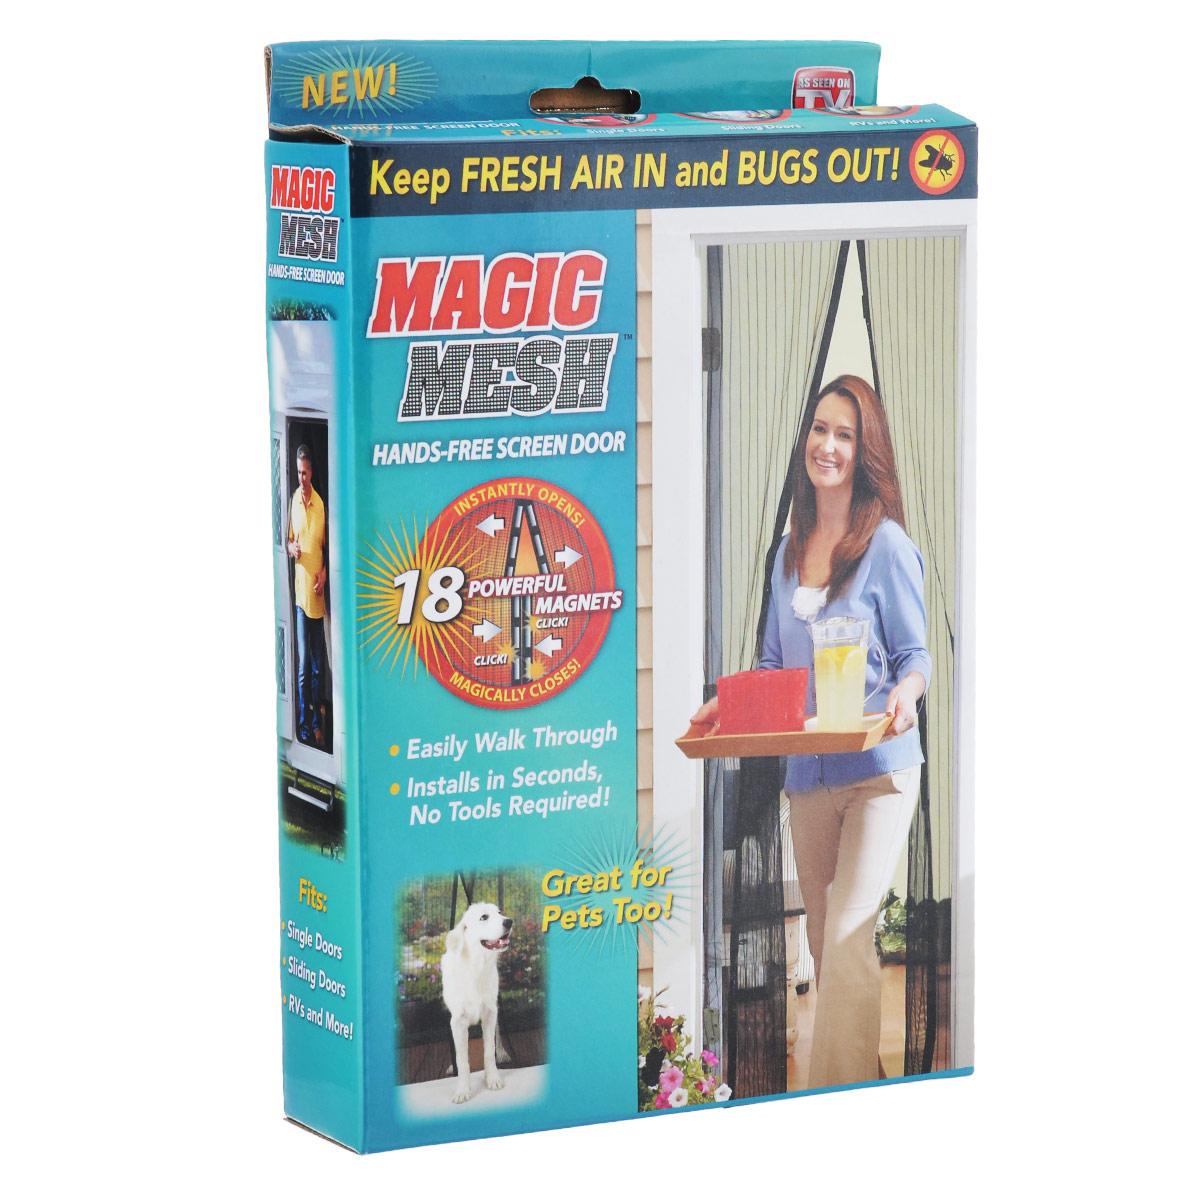 Сетка от насекомых Bradex Маскитофф, для дверей, цвет: черныйTD 0264Сетка для дверей насекомых Bradex Маскитофф выполнена из прочного полиэстера. Такая сетка встанет нерушимой преградой между вашим домом и насекомыми. Чтобы избавиться от комаров и мух, которые отравляют сон, не обязательно закрывать все двери и окна и задыхаться в доме от жары. С магнитной сеткой вы легко пройдете сквозь нее, даже если заняты руки. Благодаря 18 магнитам, вшитым в сетку, она магически захлопнется за вами. Bradex Маскитофф просто незаменим для владельцев животных. Вместо того, чтобы жалобно скрестить в дверь, ваш питомец сможет входить и выходить из помещения, когда пожелает. Для установки вам не потребуются ни гвозди, ни шурупы: сетка на липучке прочно крепится к любой двери и не отходит весь сезон, как бы часто вы ею ни пользовались. Впустите свежий воздух в ваш дом, оставив назойливых насекомых на улице с магнитной сеткой для дверей Bradex Маскитофф! Размер сетки: 100 см х 210 см.